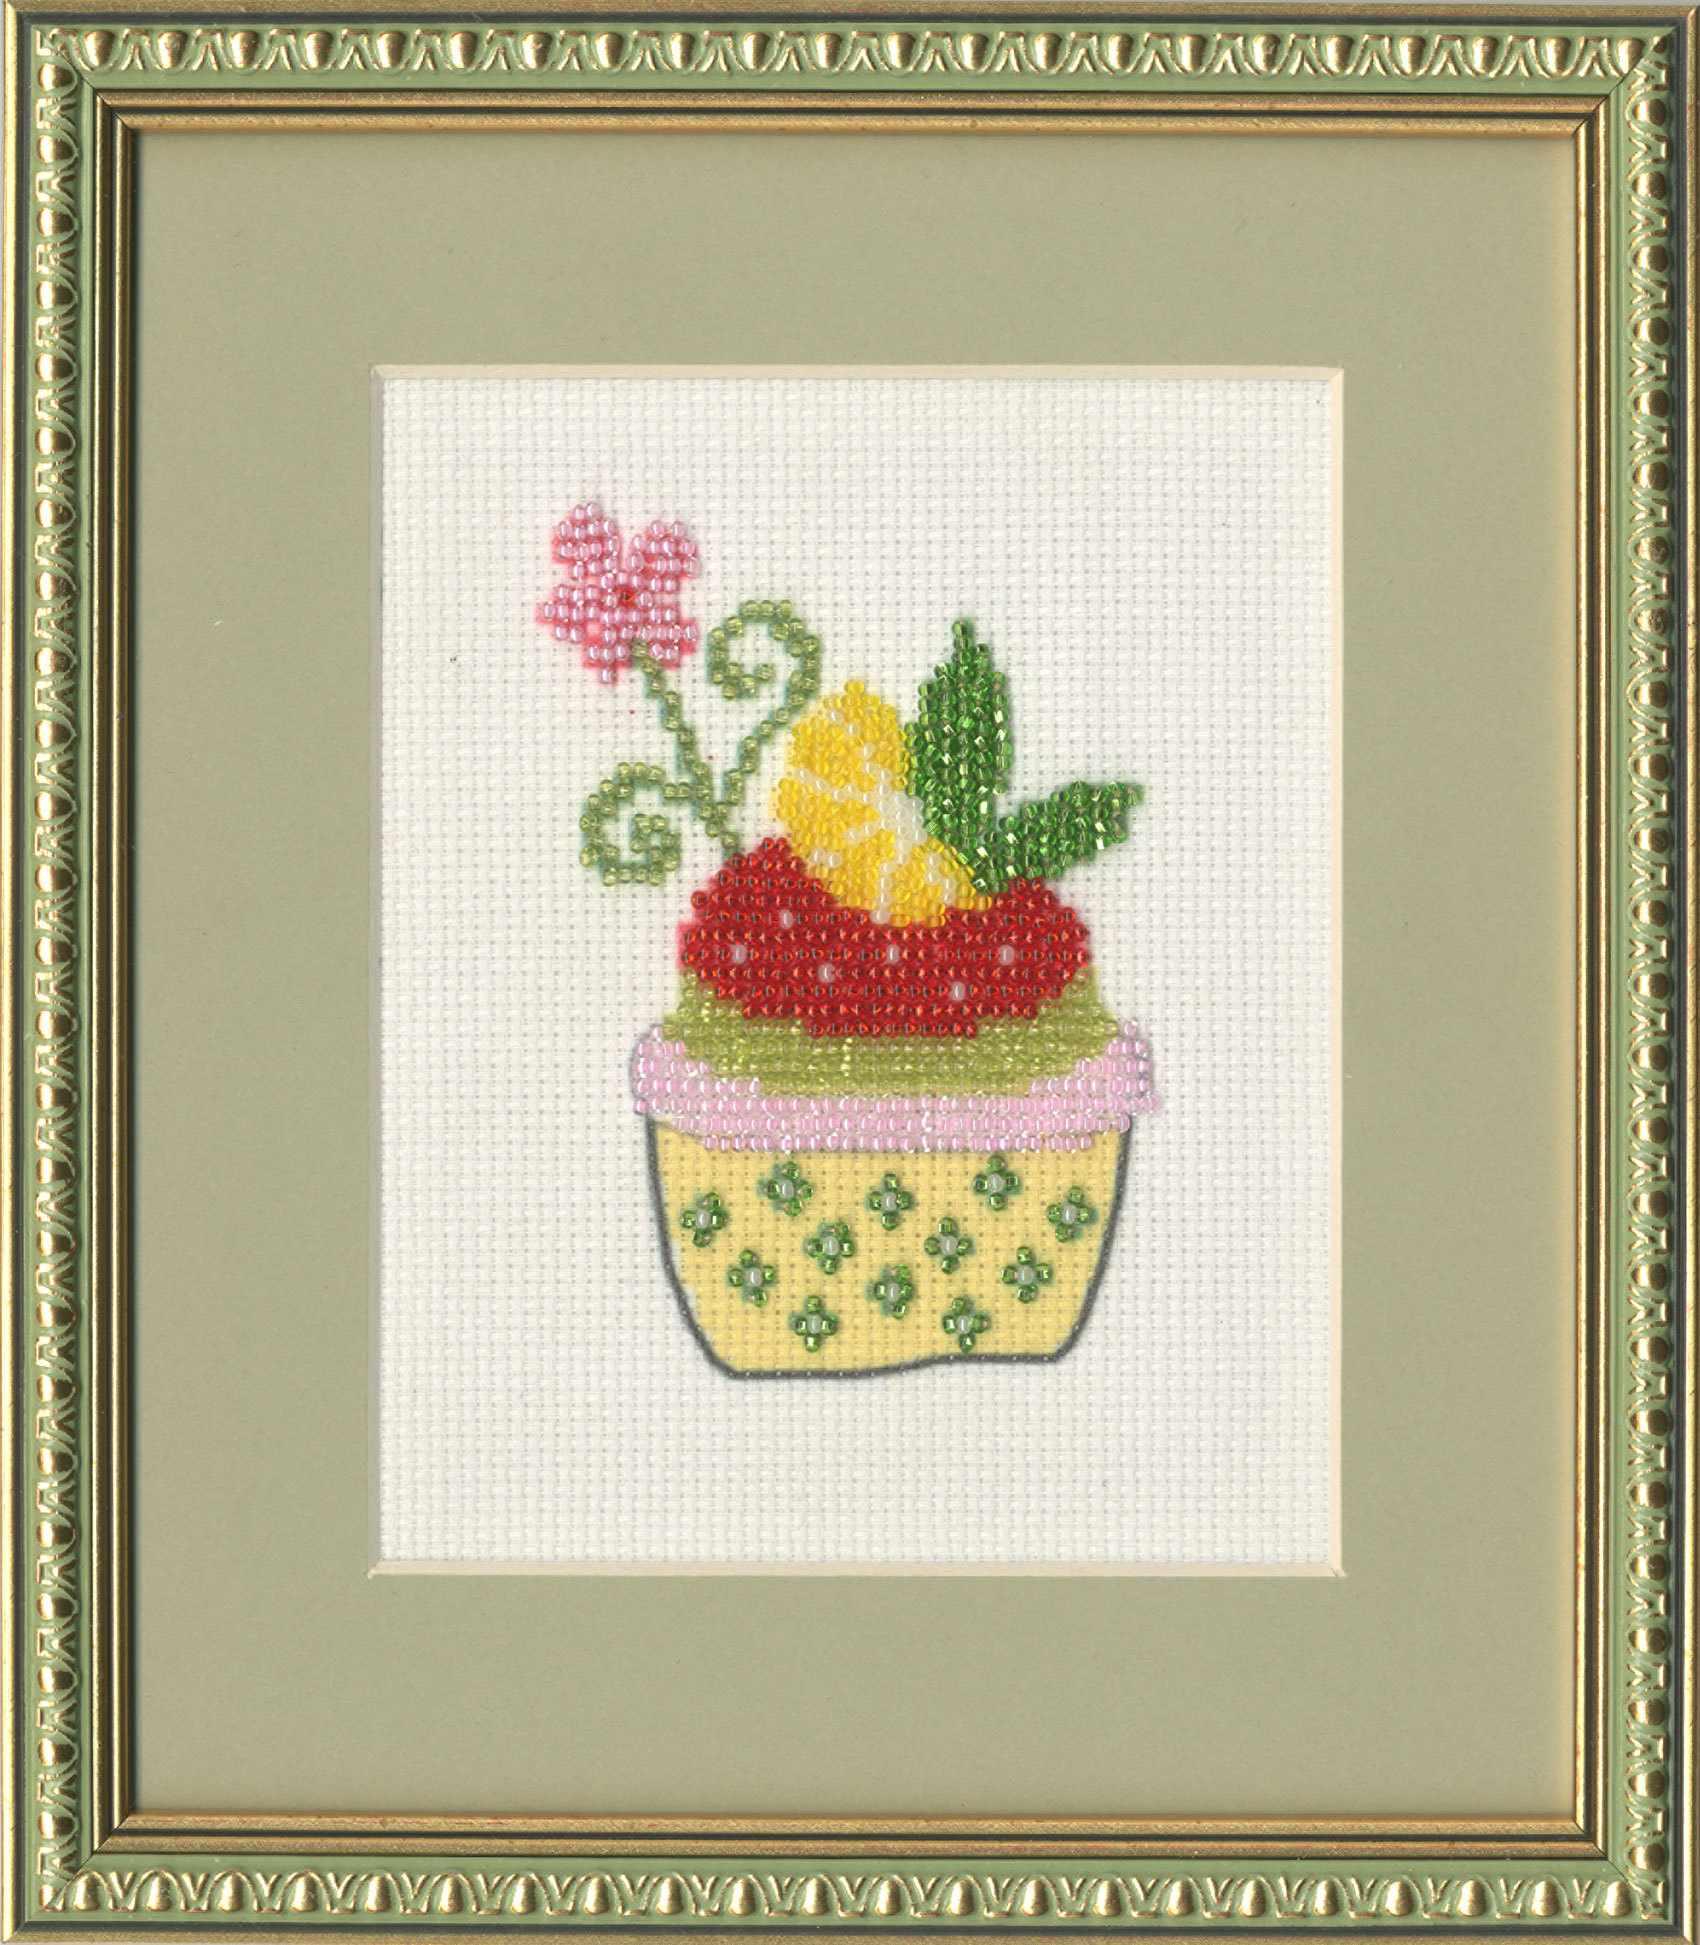 БС-010 Лимонный десерт. Бисерная россыпь.